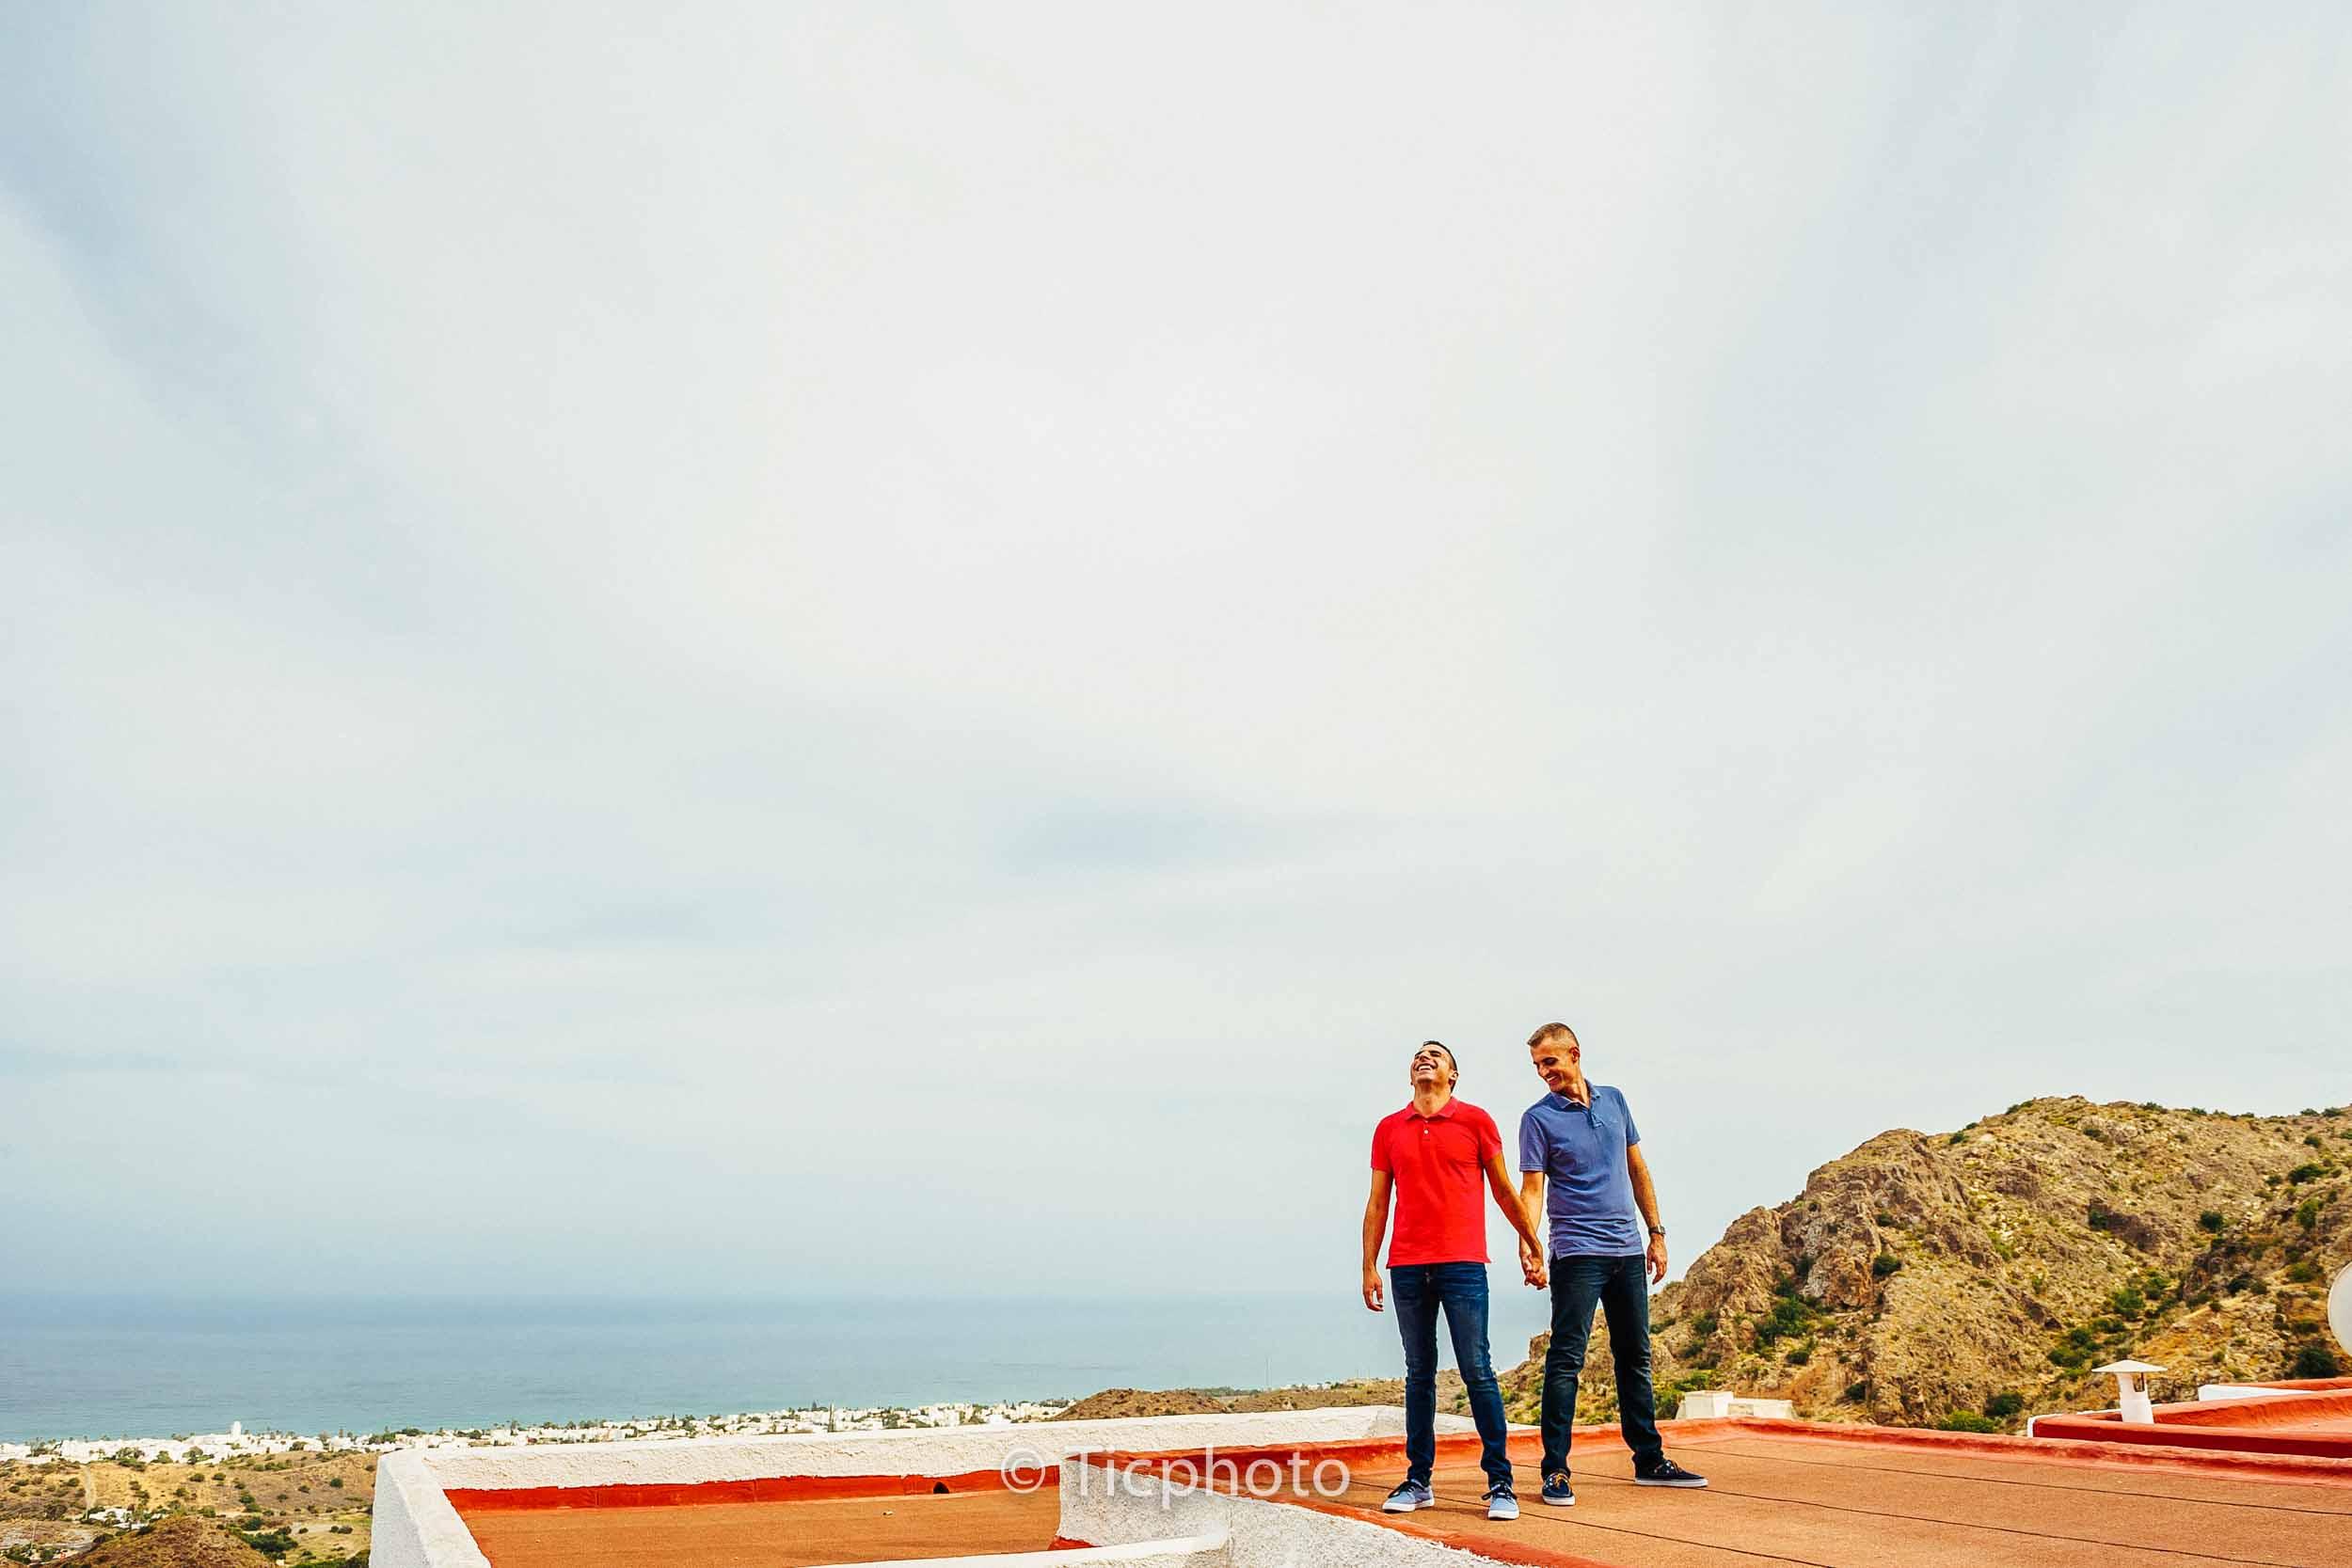 Rubén & Gregorio Preboda en Mojacar 2018 13